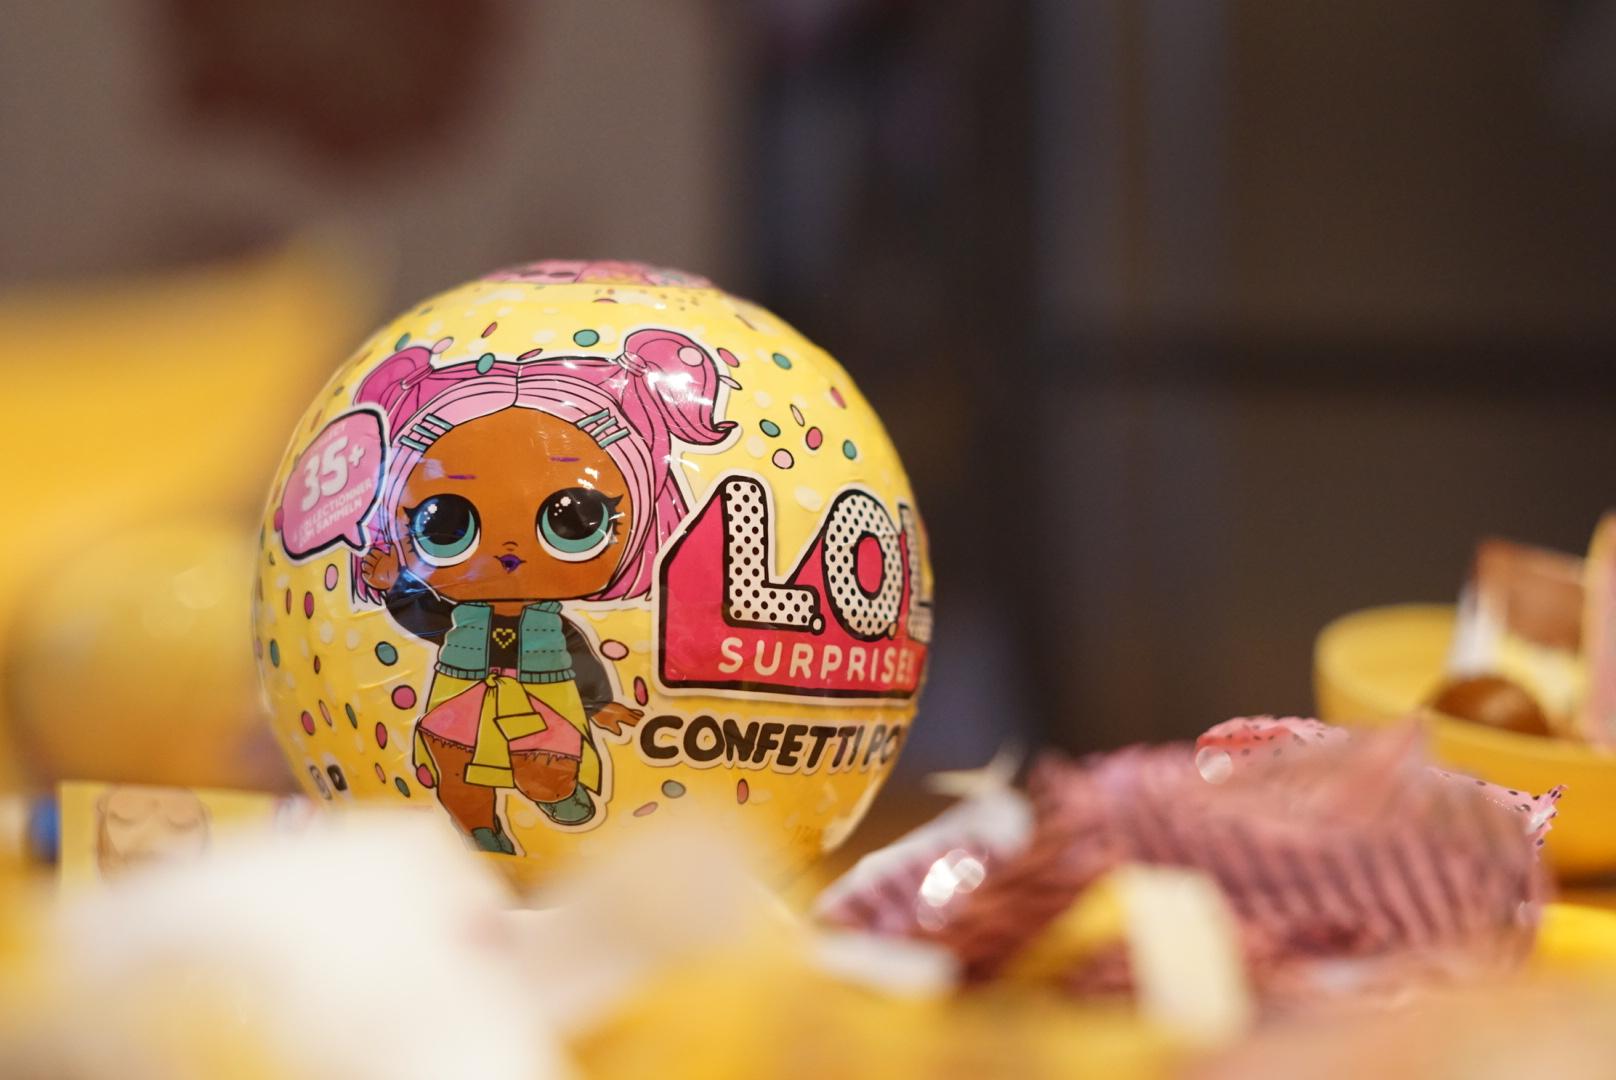 It's a L.O.L. SURPRISE! Confetti Pop Valentine's kind of day